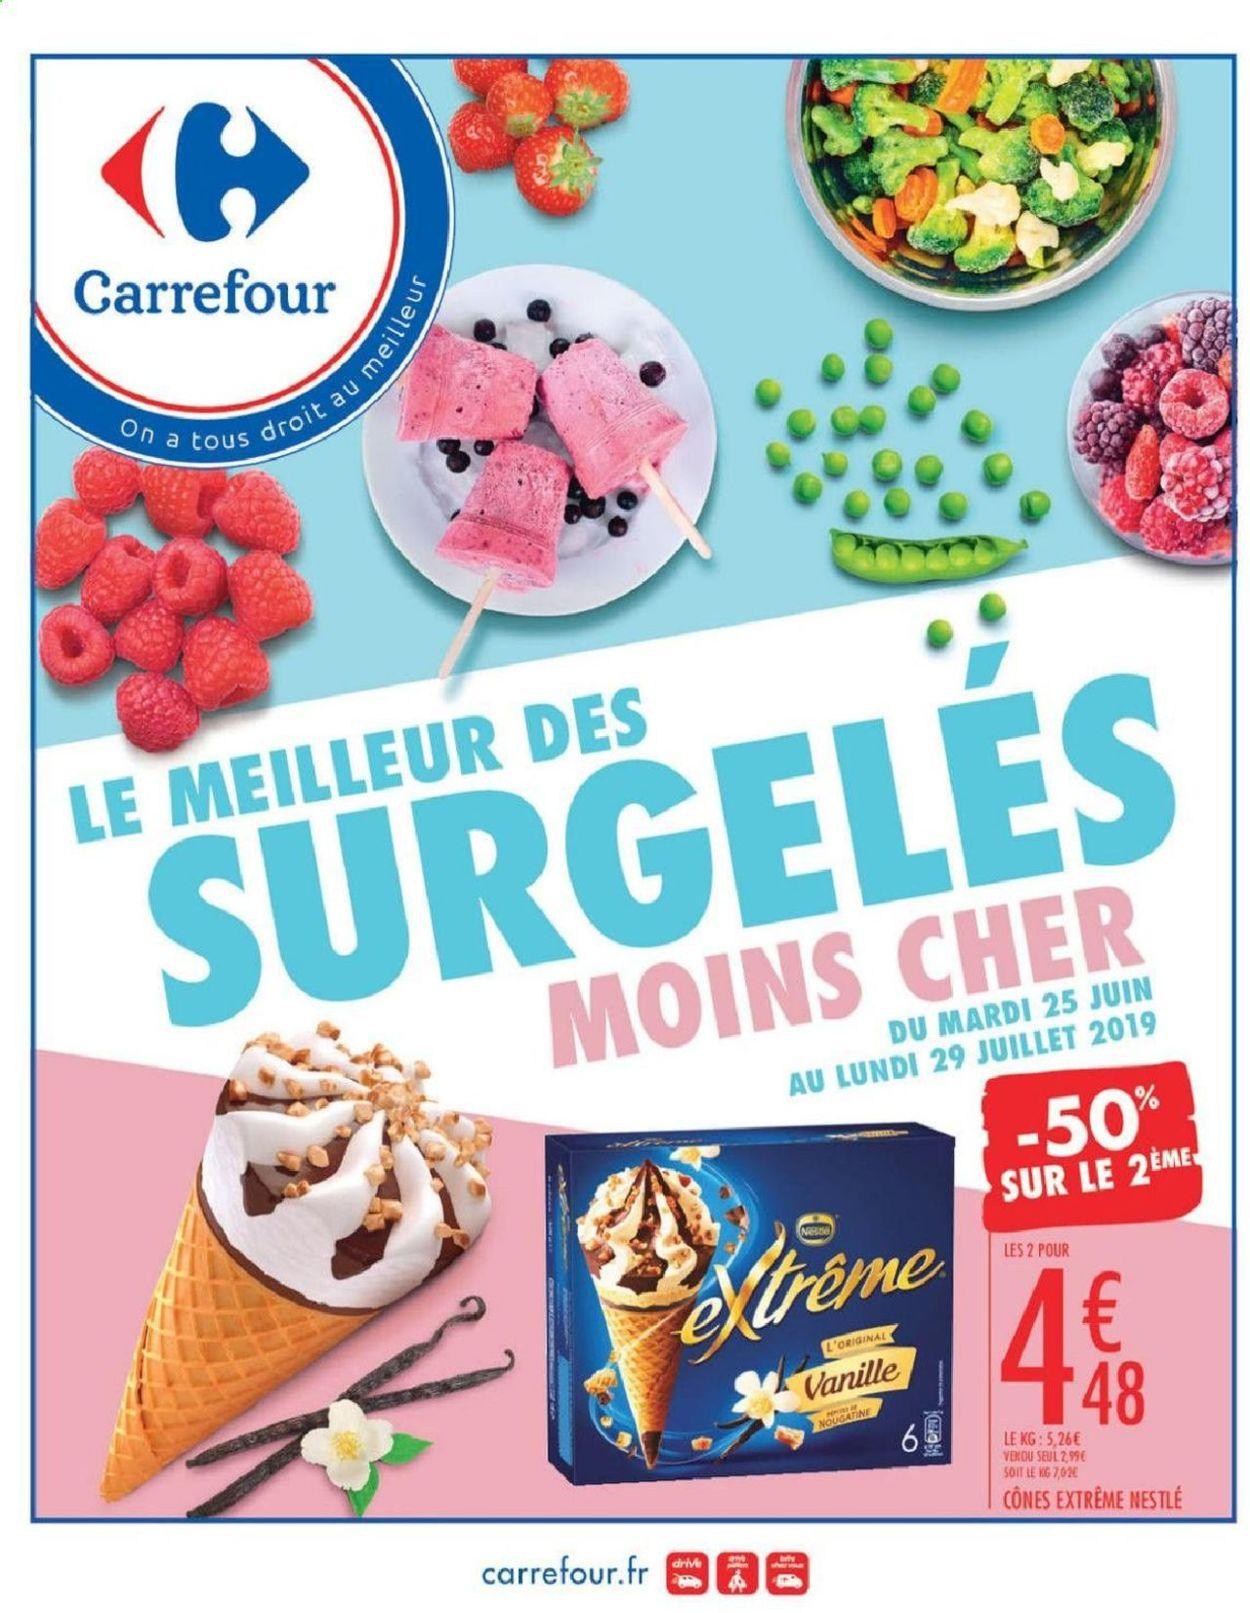 Carrefour Catalogue - 25.06-29.07.2019